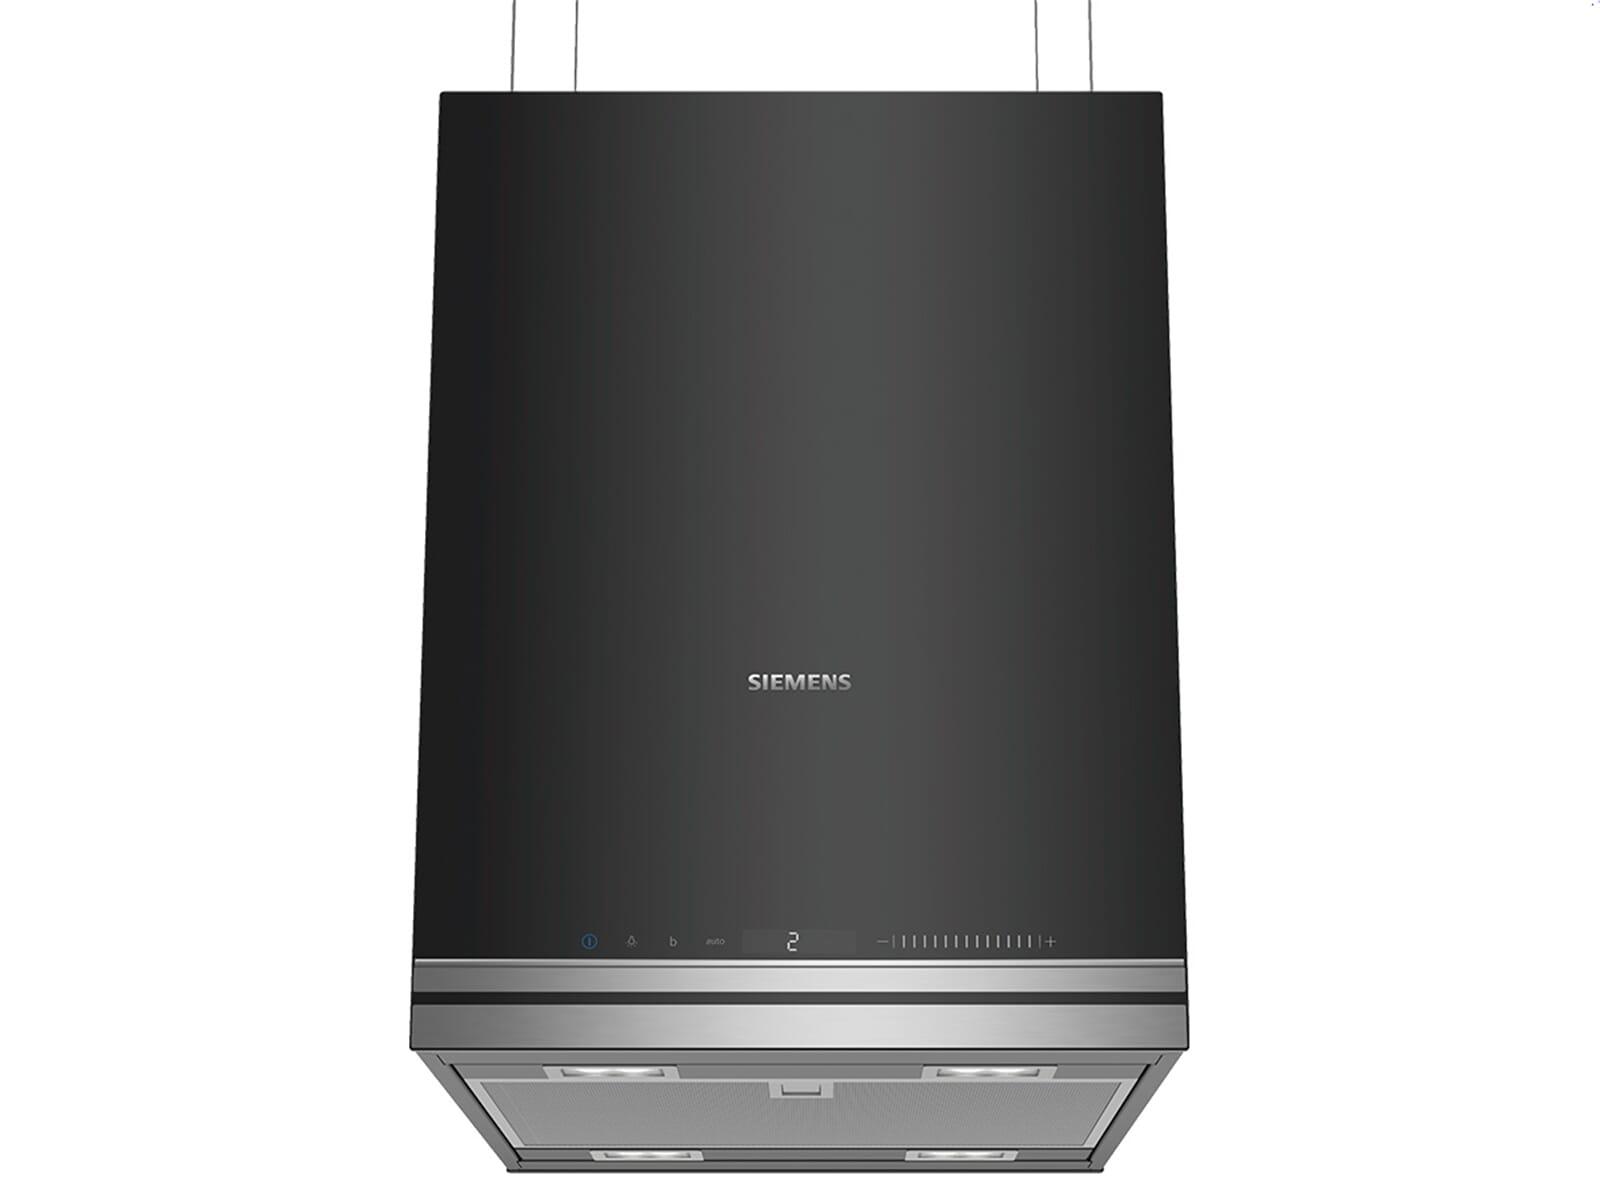 Siemens lf31ivv60 inselhaube schwarz